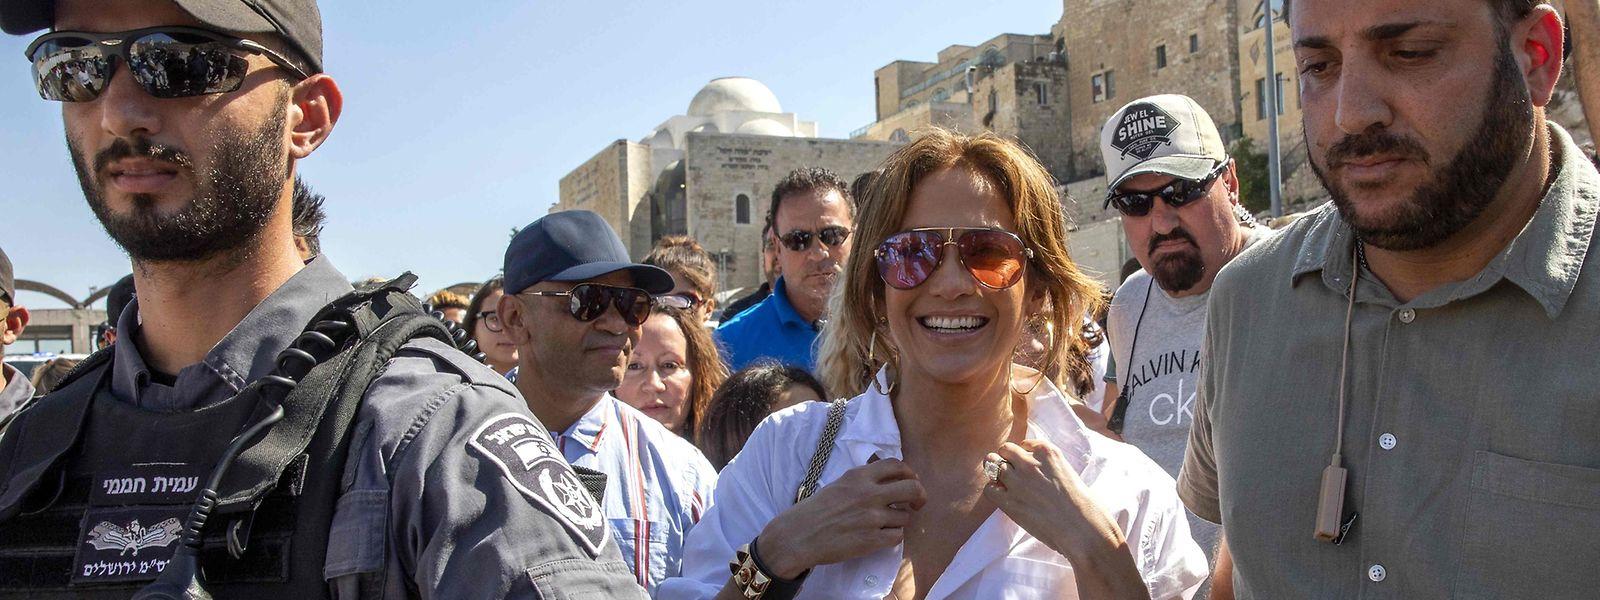 Anfang August: Jennifer Lopez zu Besuch in Jerusalem. Am 8. August tritt sie in Ägypten auf.